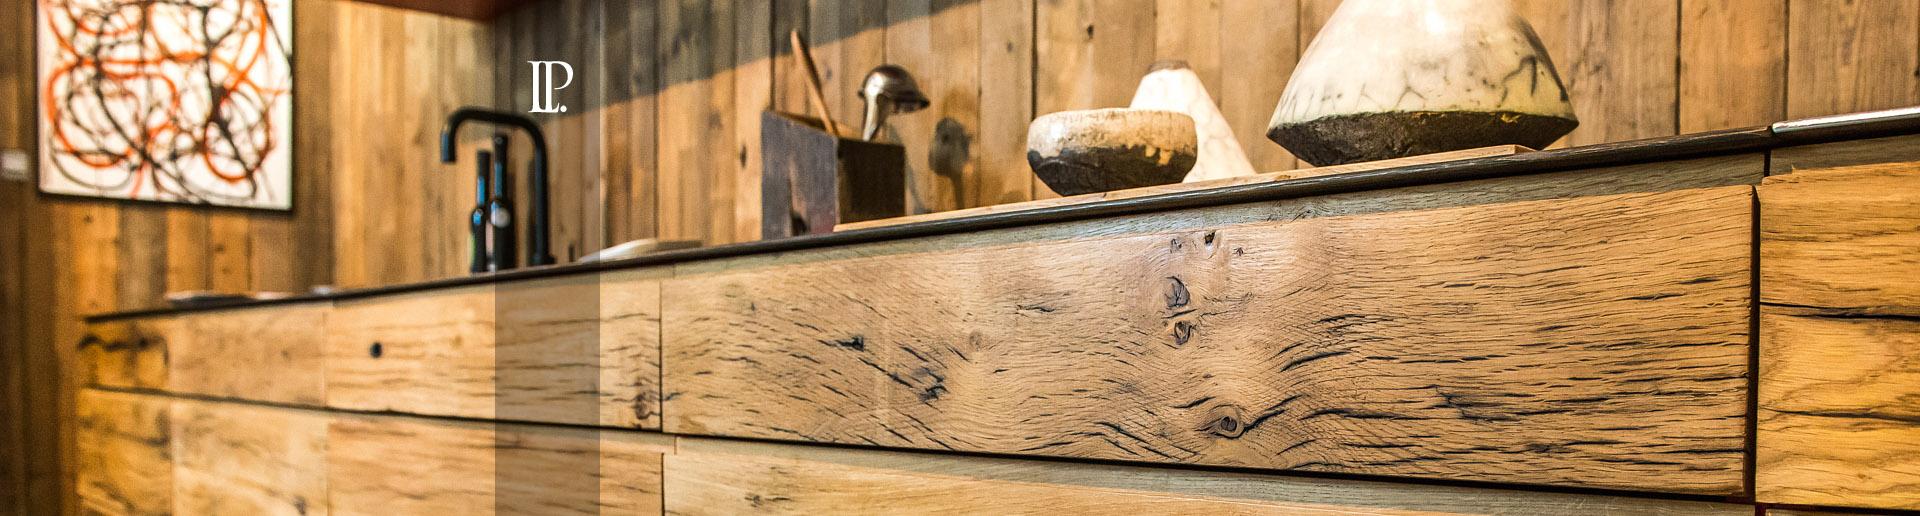 about laurent passe cuisines contemporaines. Black Bedroom Furniture Sets. Home Design Ideas